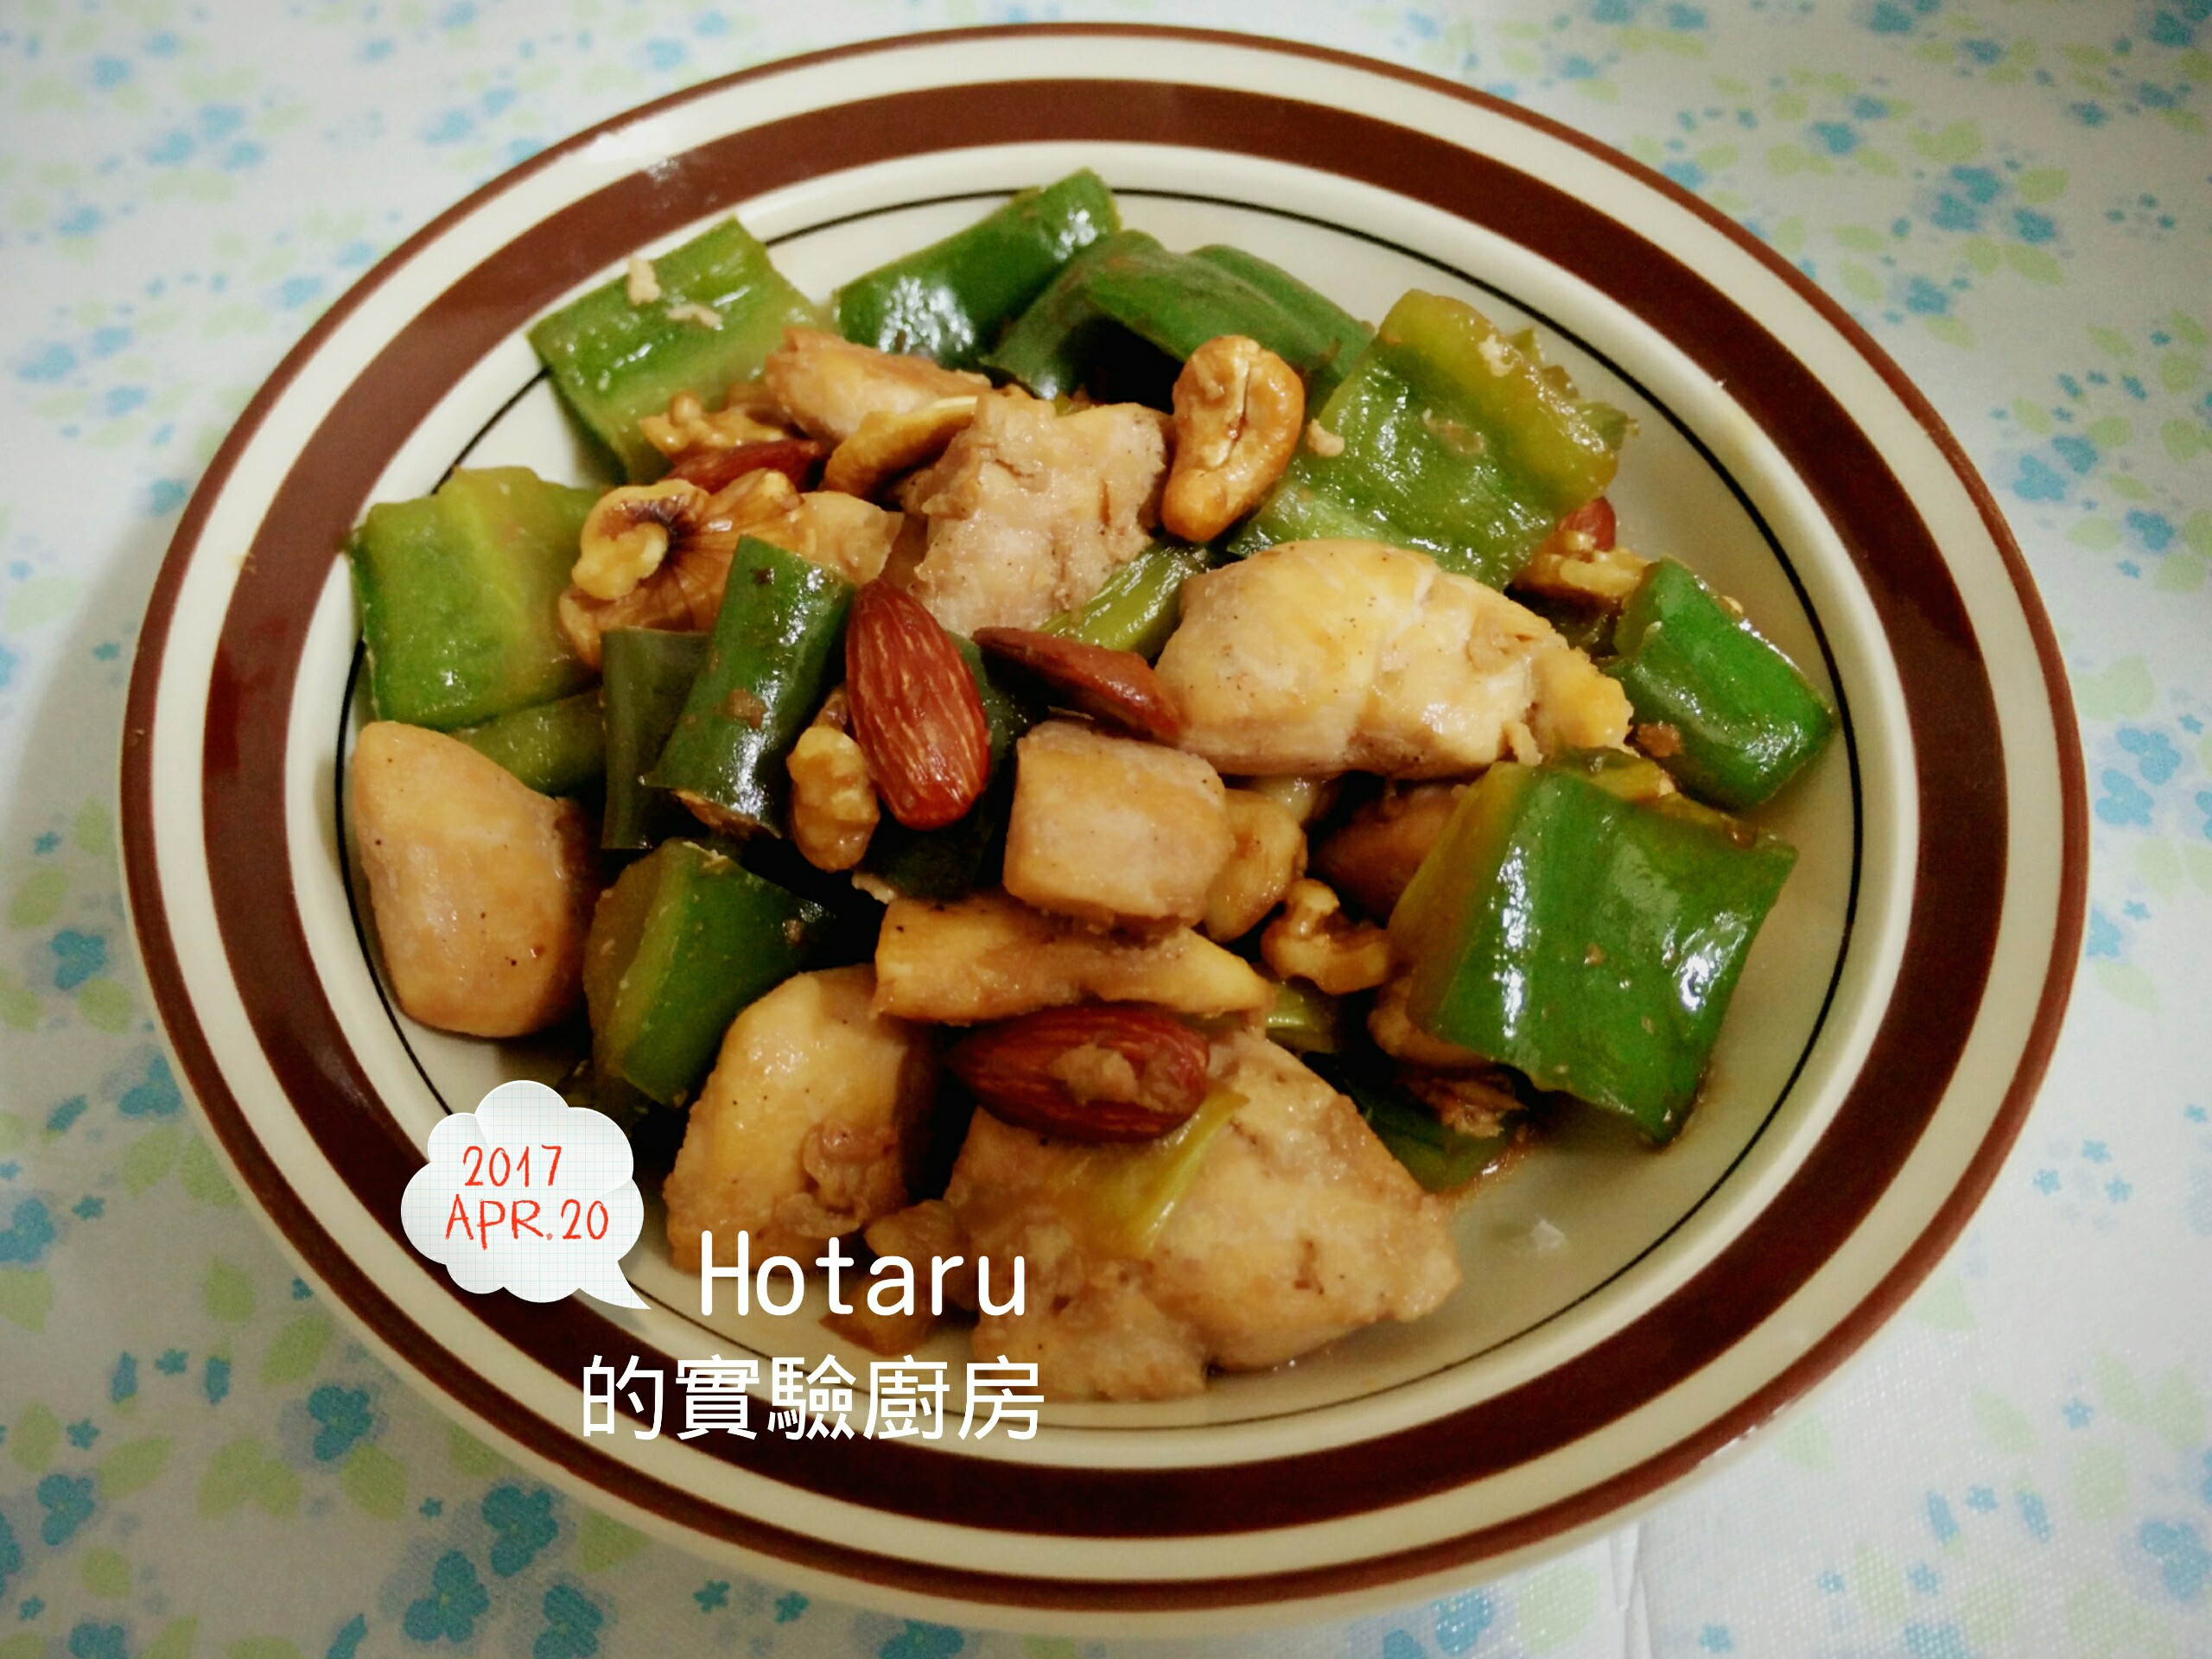 青椒炒雞丁佐綜合堅果